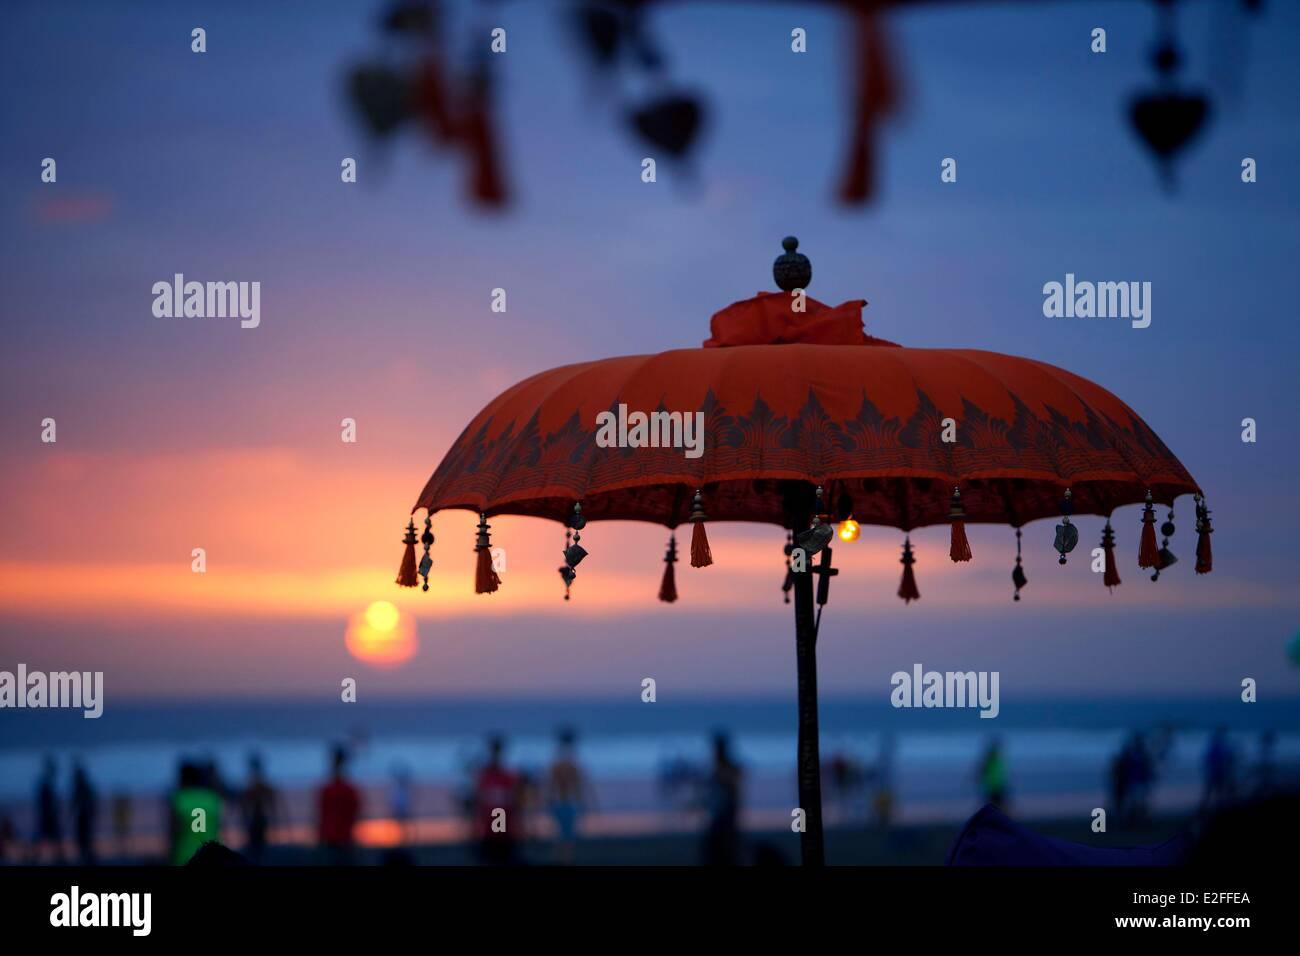 Indonesia, Bali, Seminyak Beach Imagen De Stock